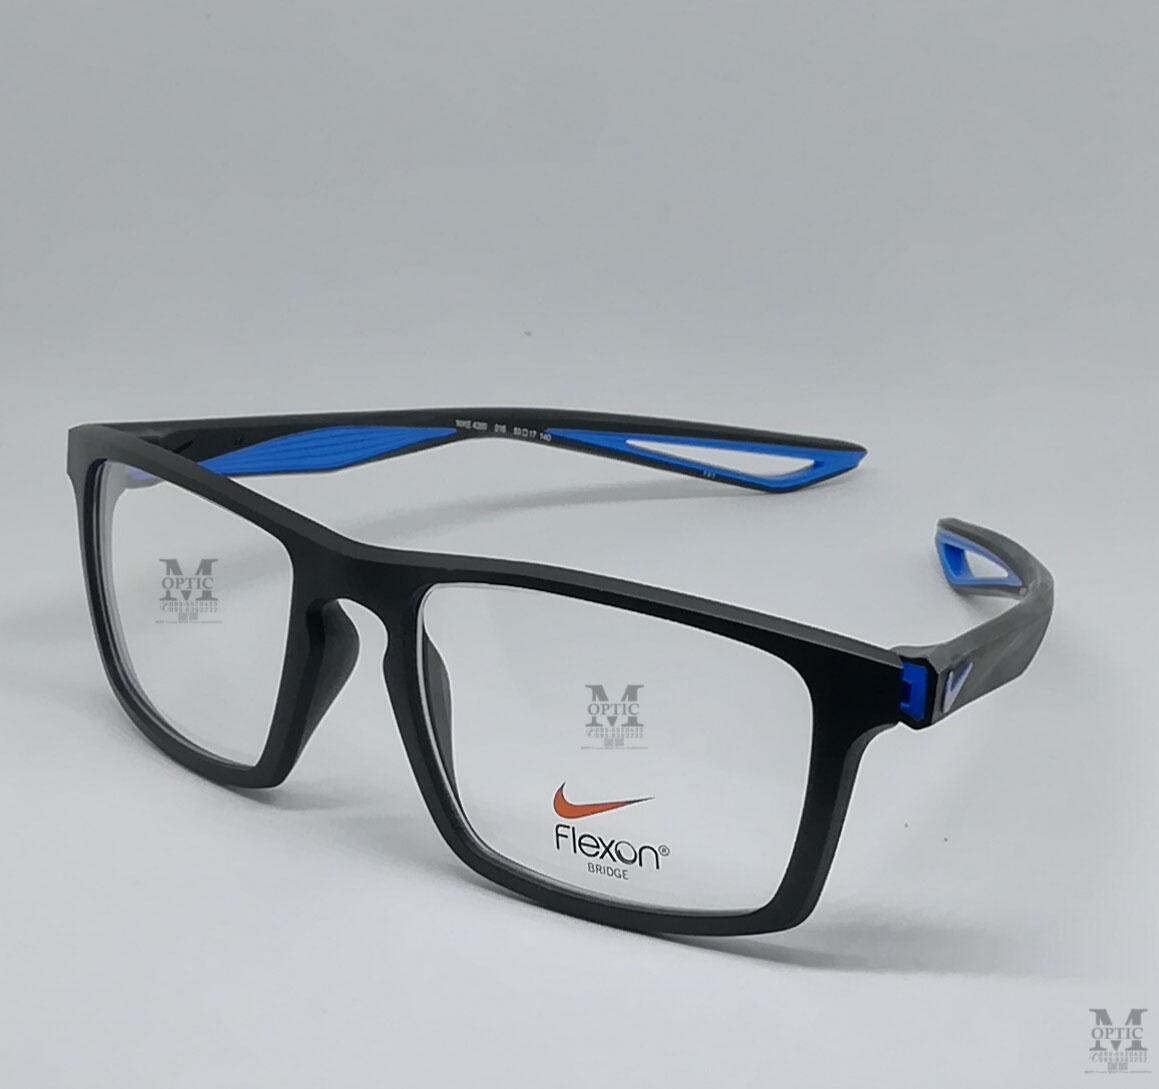 Nike Flexon 4280